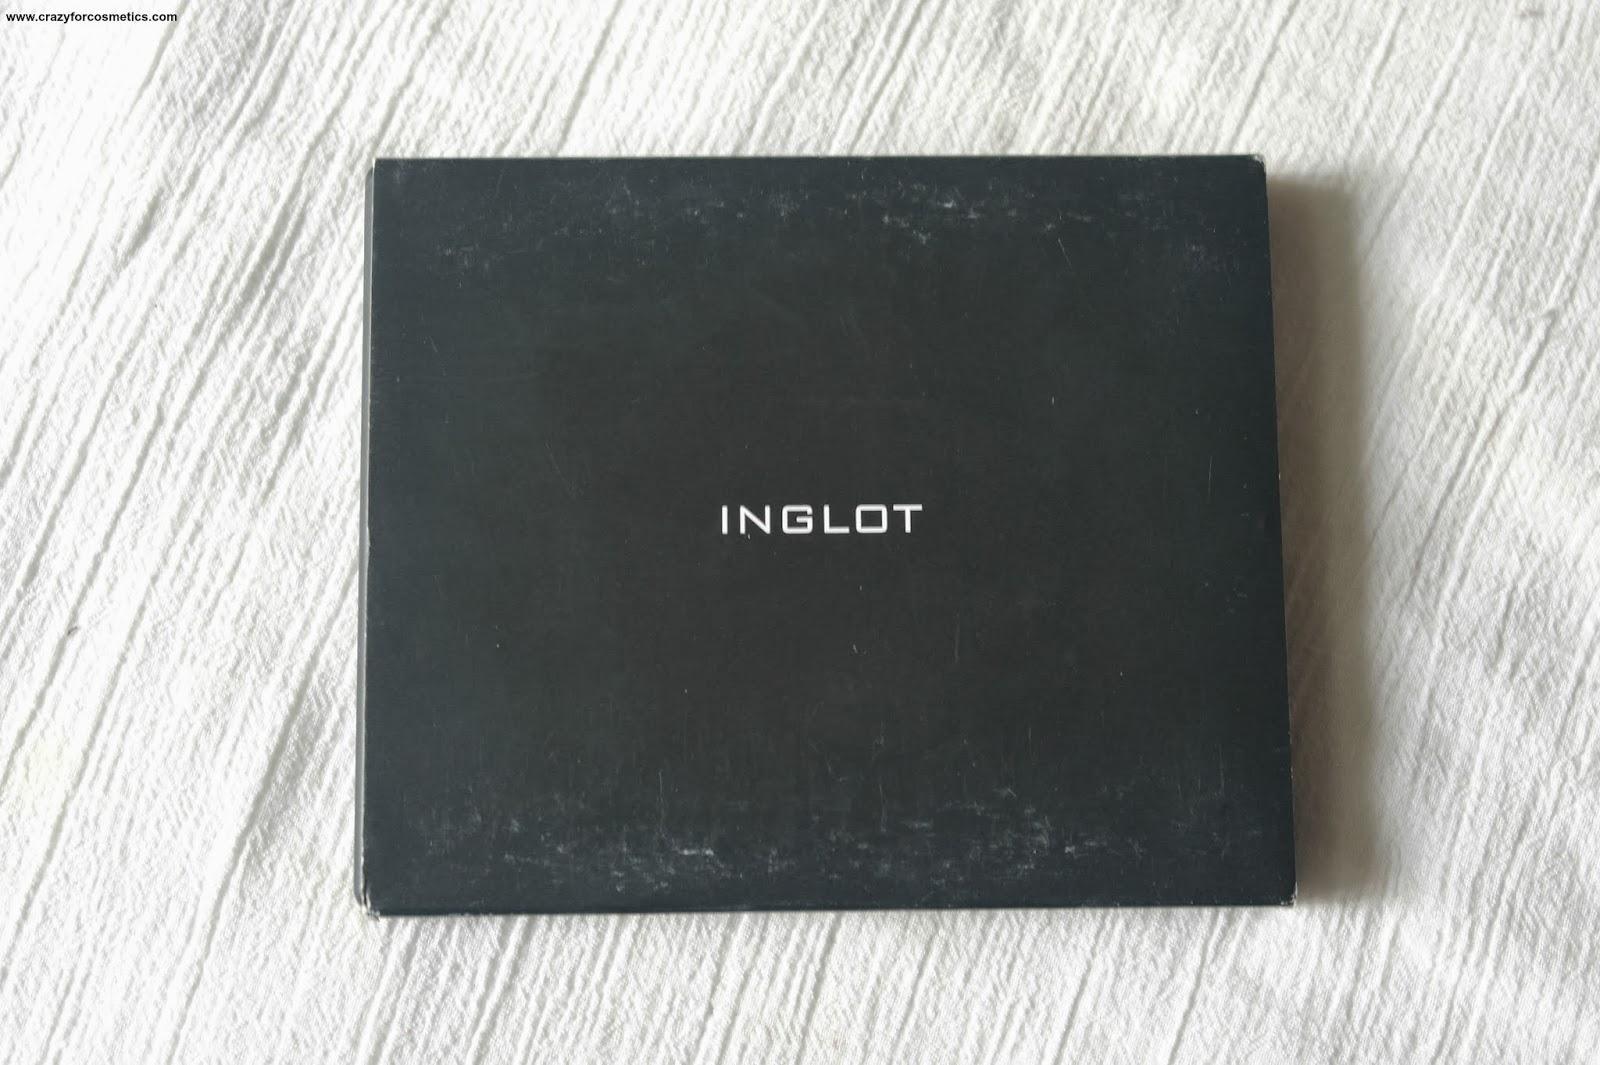 Inglot eyeshadows-inglot eyeshadow refill pan-inglot freedom system palette